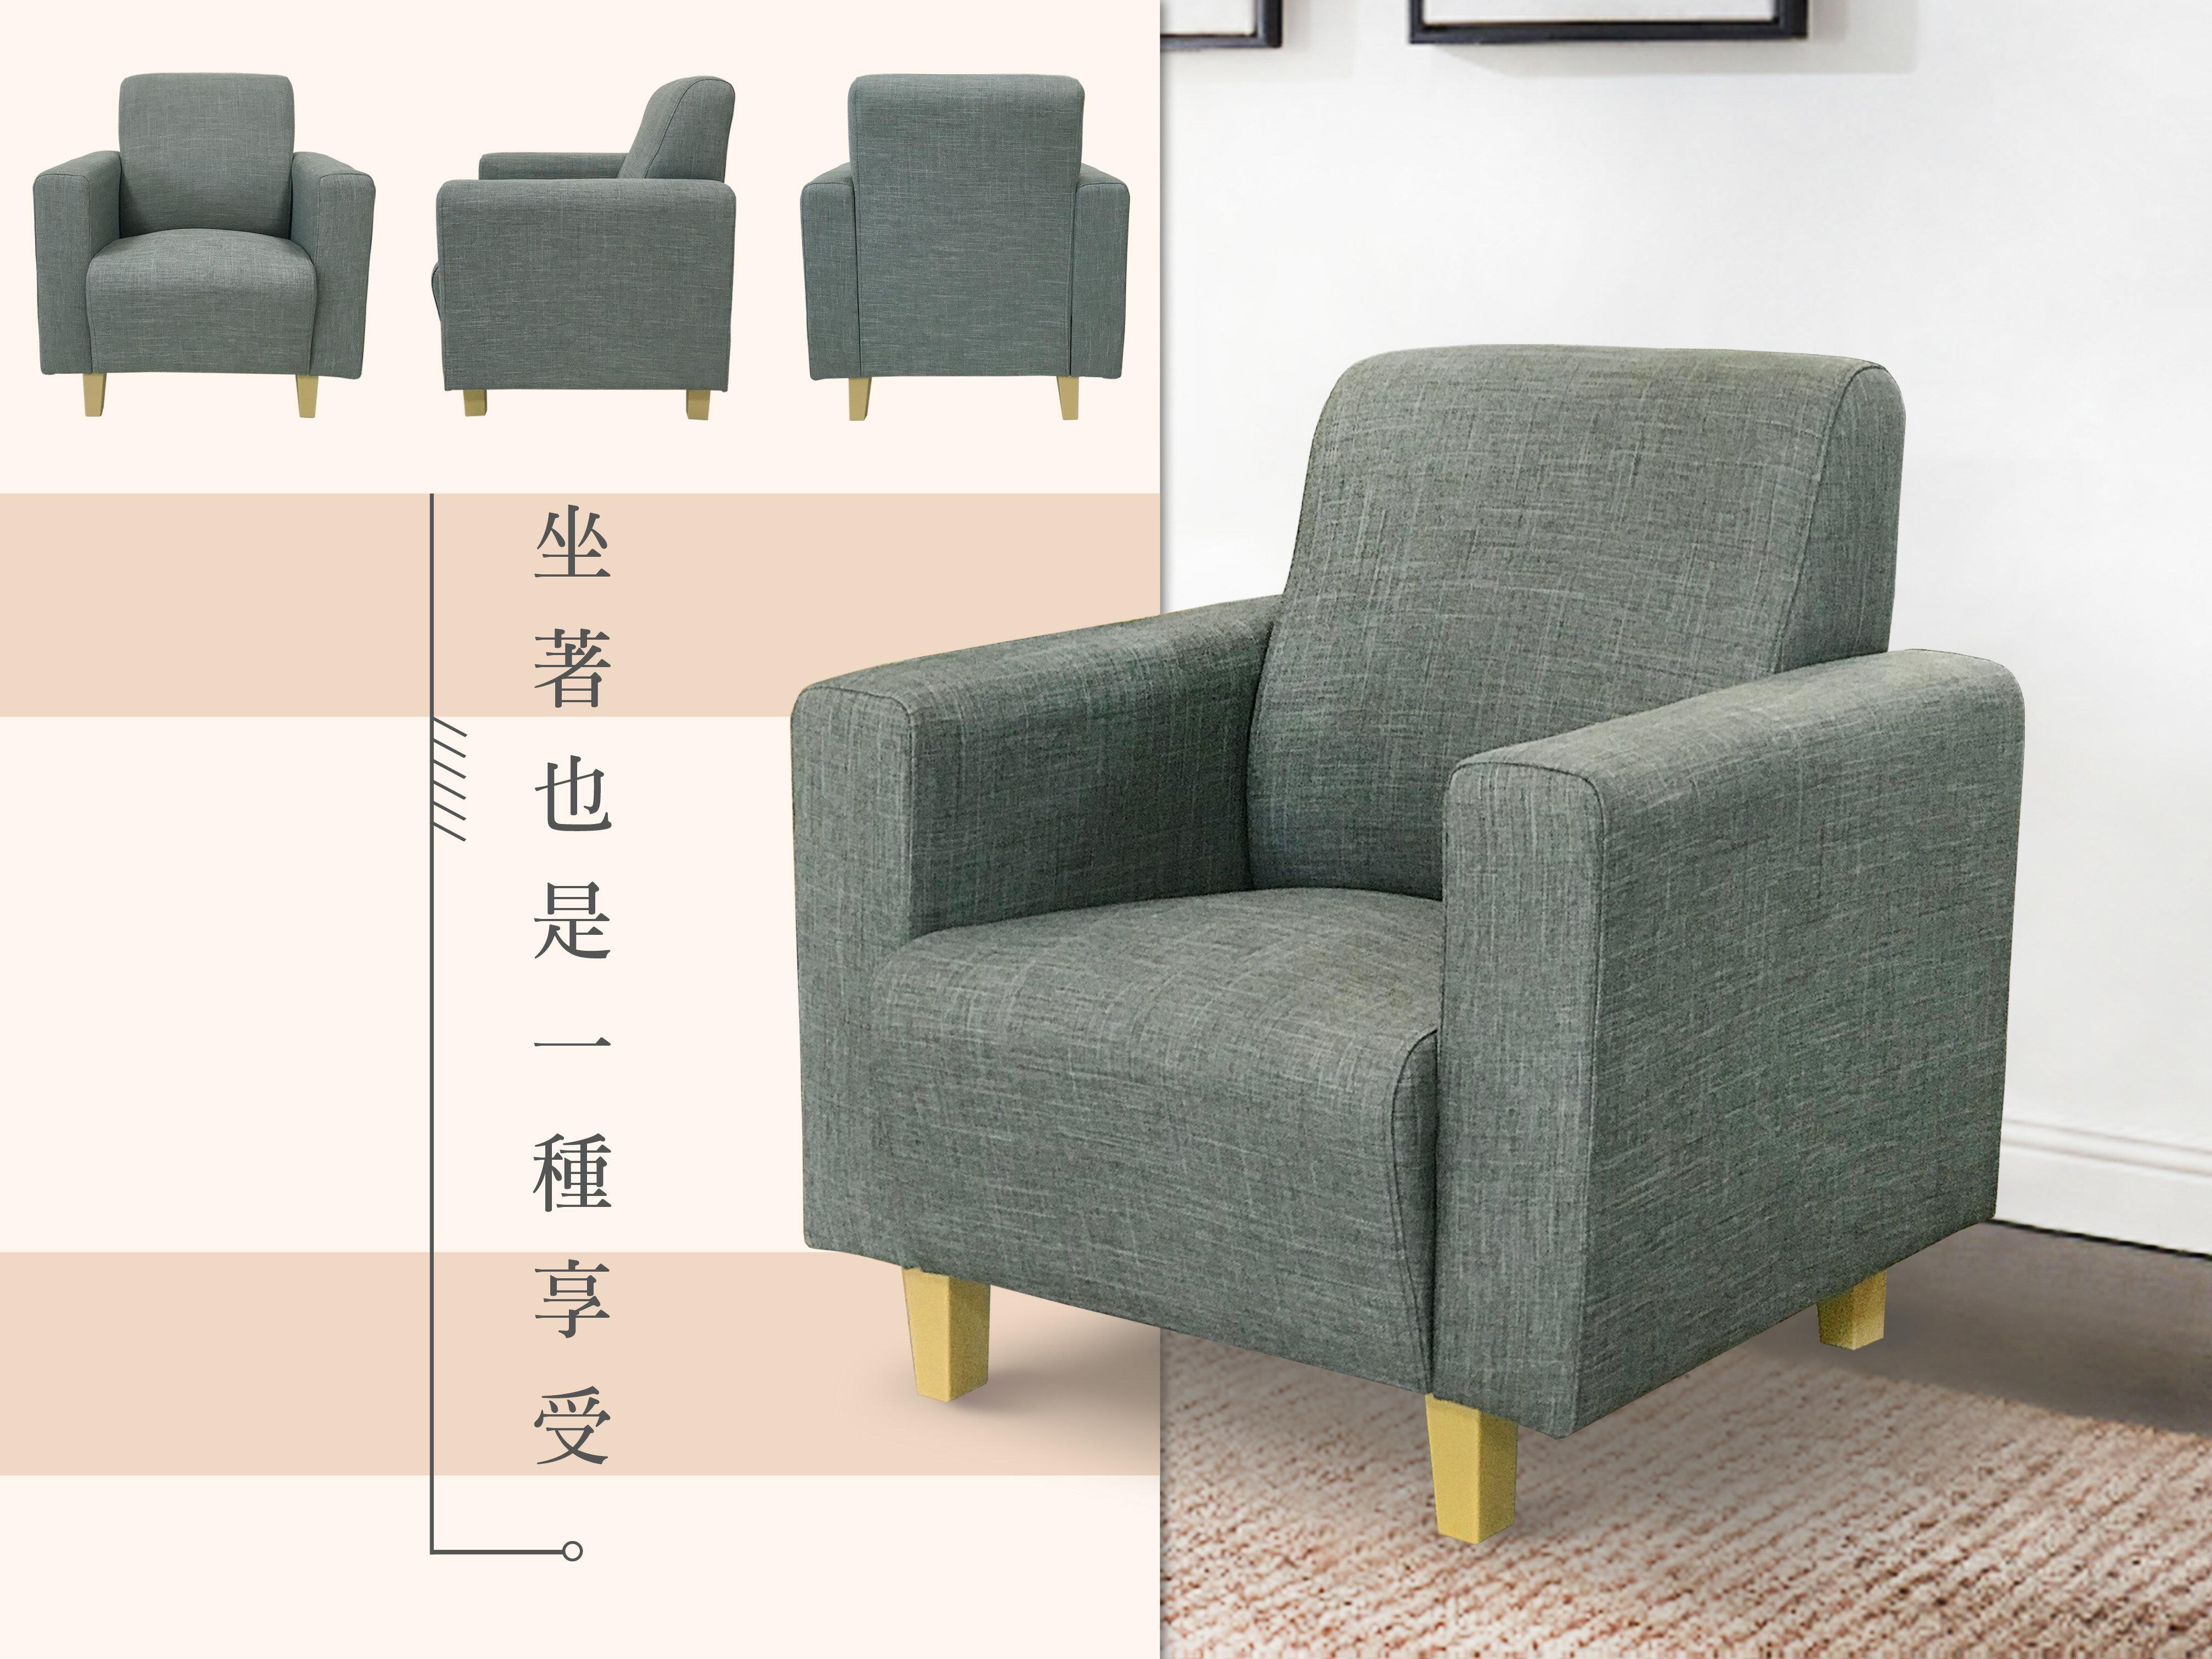 《馨香之氣》布沙發 亞麻布 單人位沙發 一人位沙發 北歐風 多色可選 !新生活家具! 樂天雙12